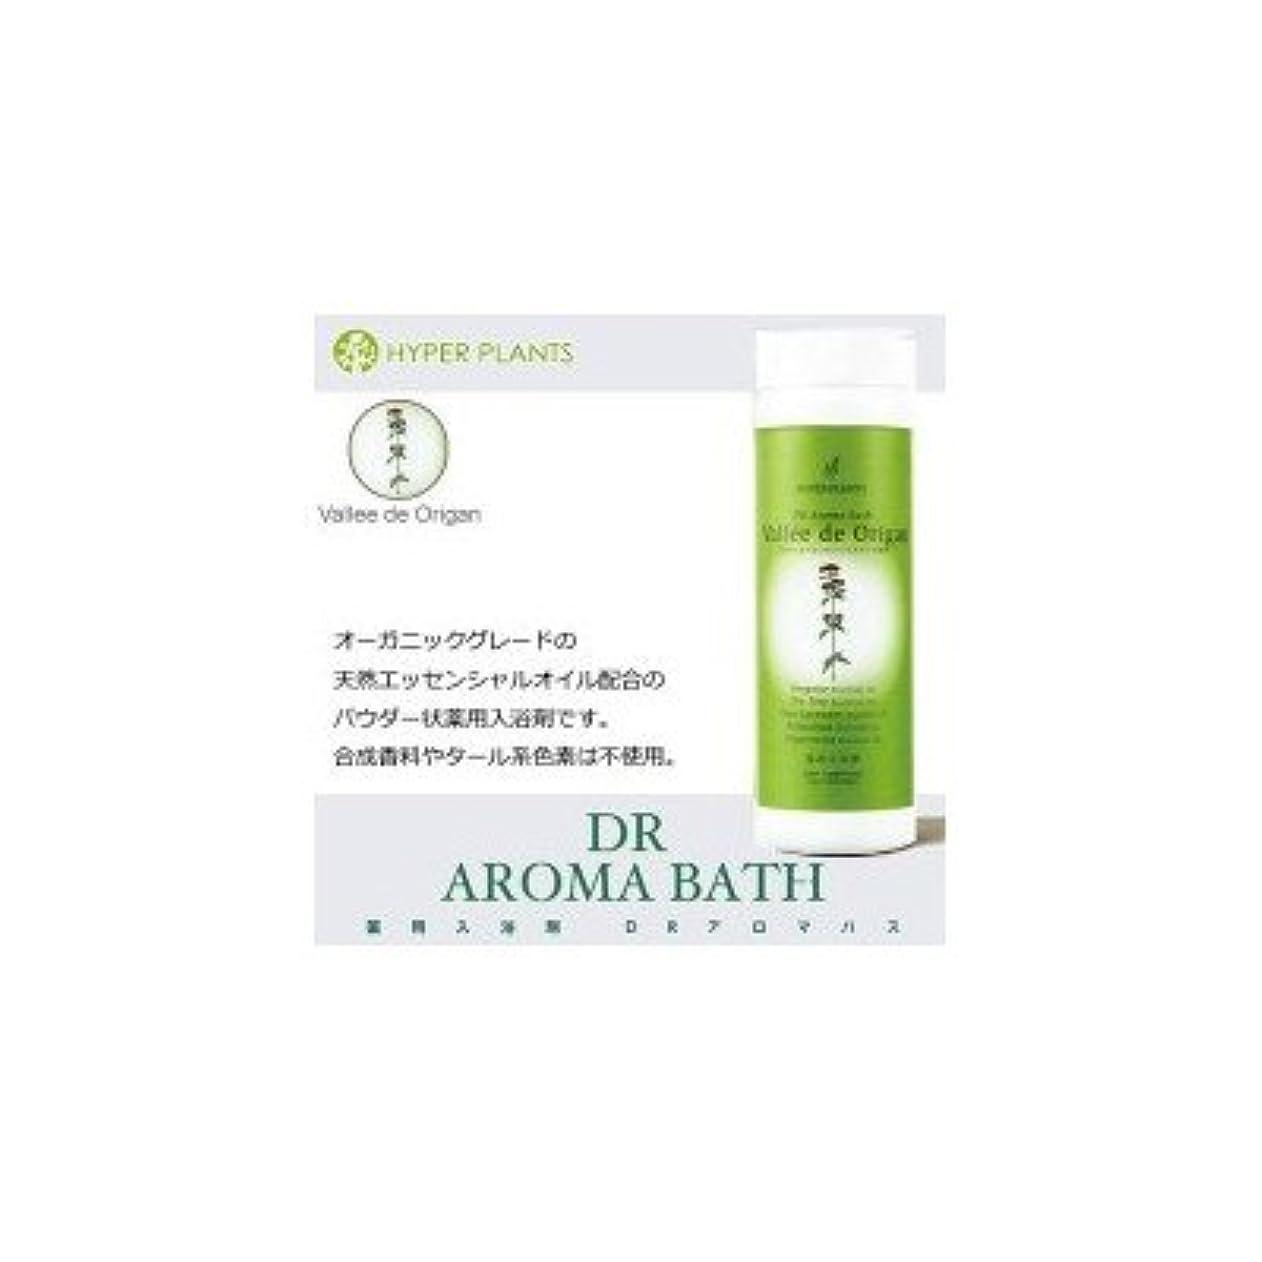 経過家庭する必要がある医薬部外品 薬用入浴剤 ハイパープランツ(HYPER PLANTS) DRアロマバス ヴァレドオリガン 500g HN0218